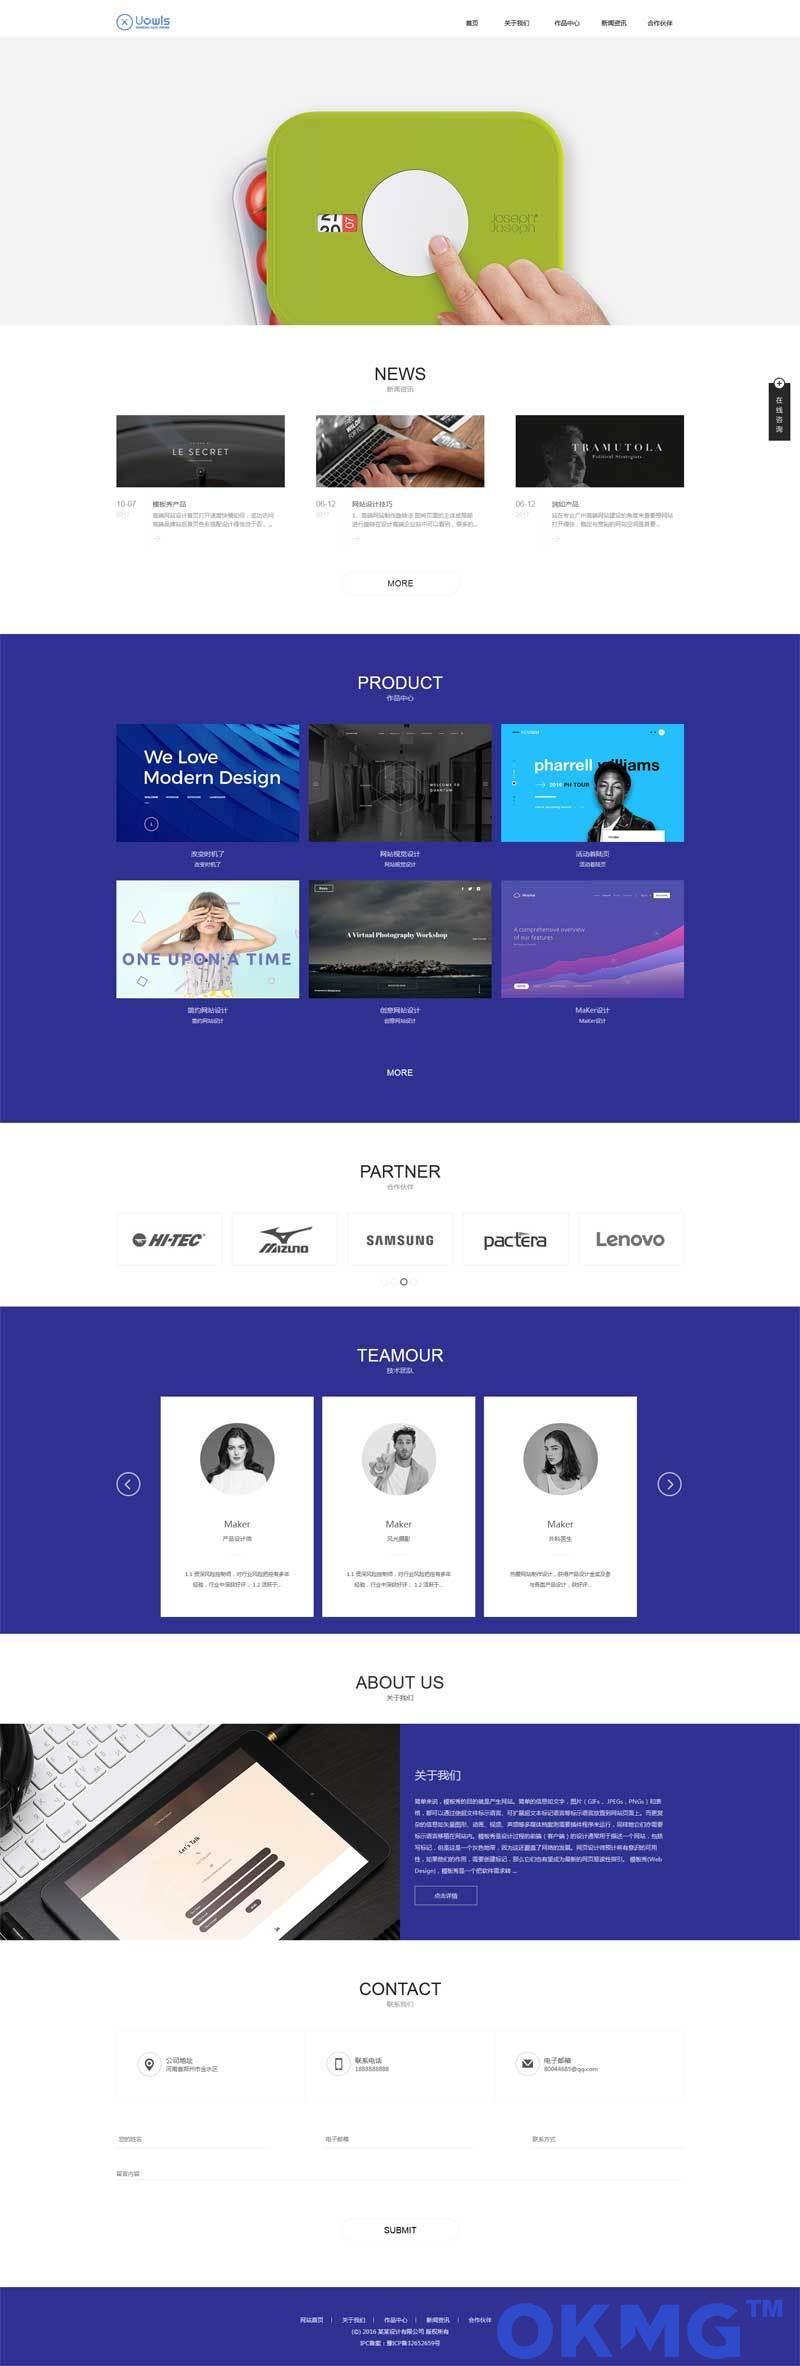 平面视觉设计公司网站织梦源码